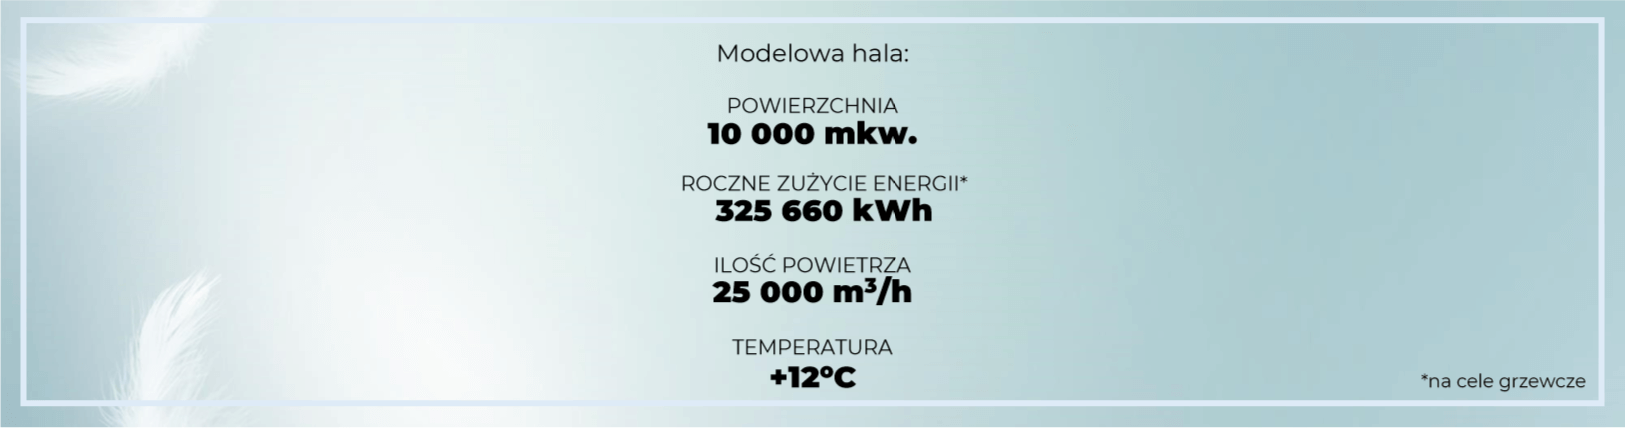 grafika-modelowa-hala-gwc-dla-hal